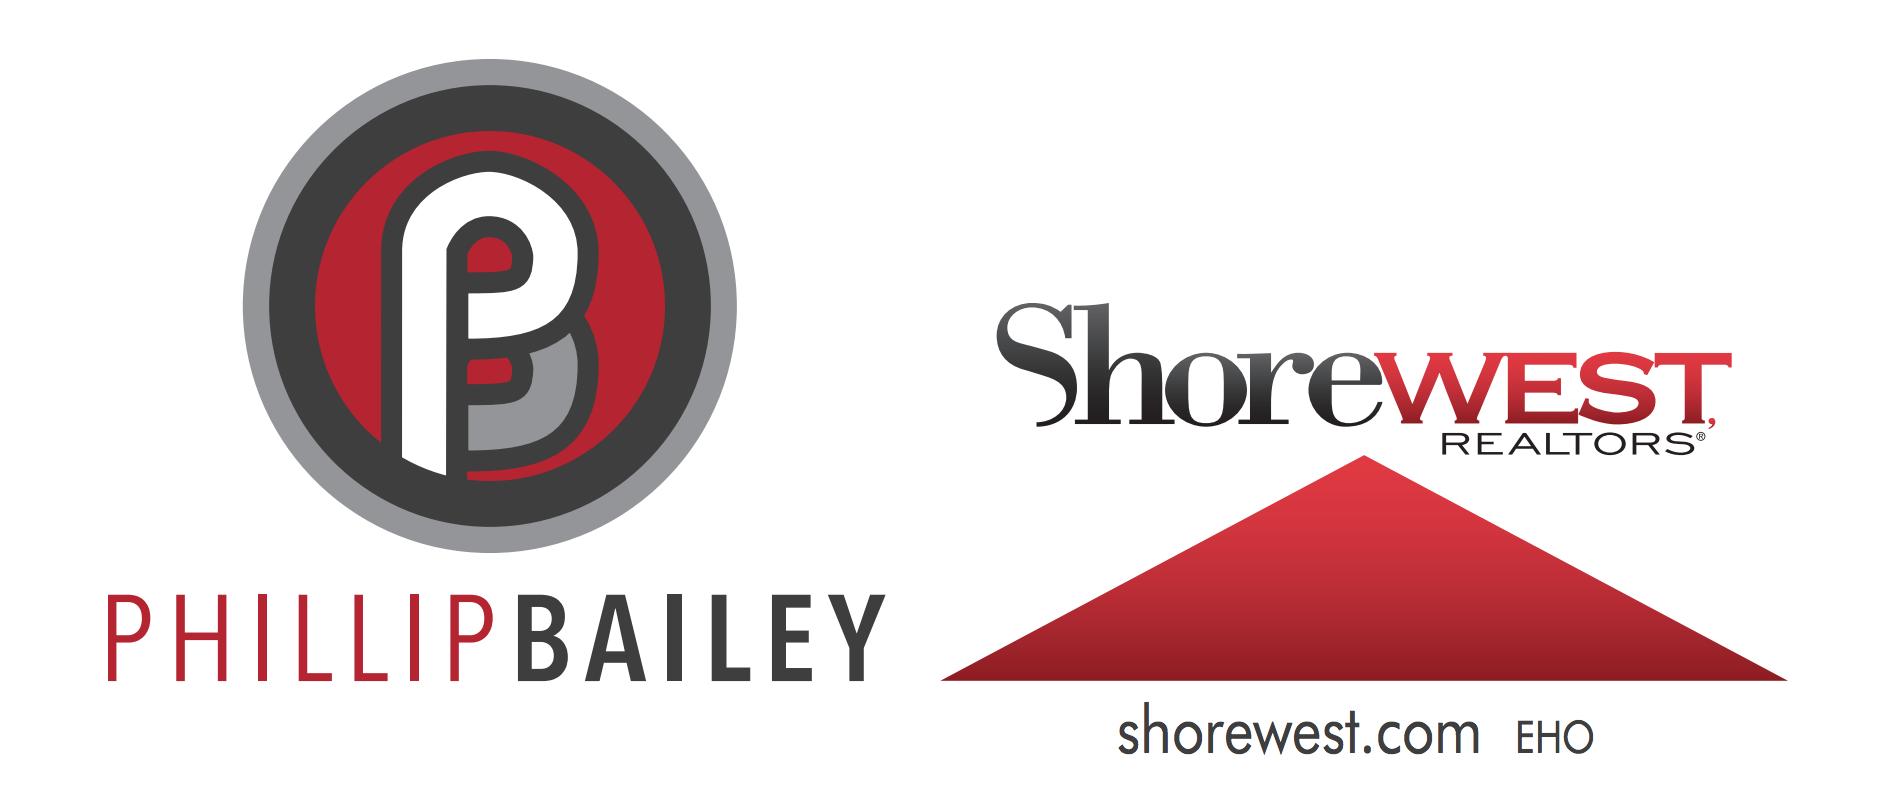 Phillip Bailey Shorewest